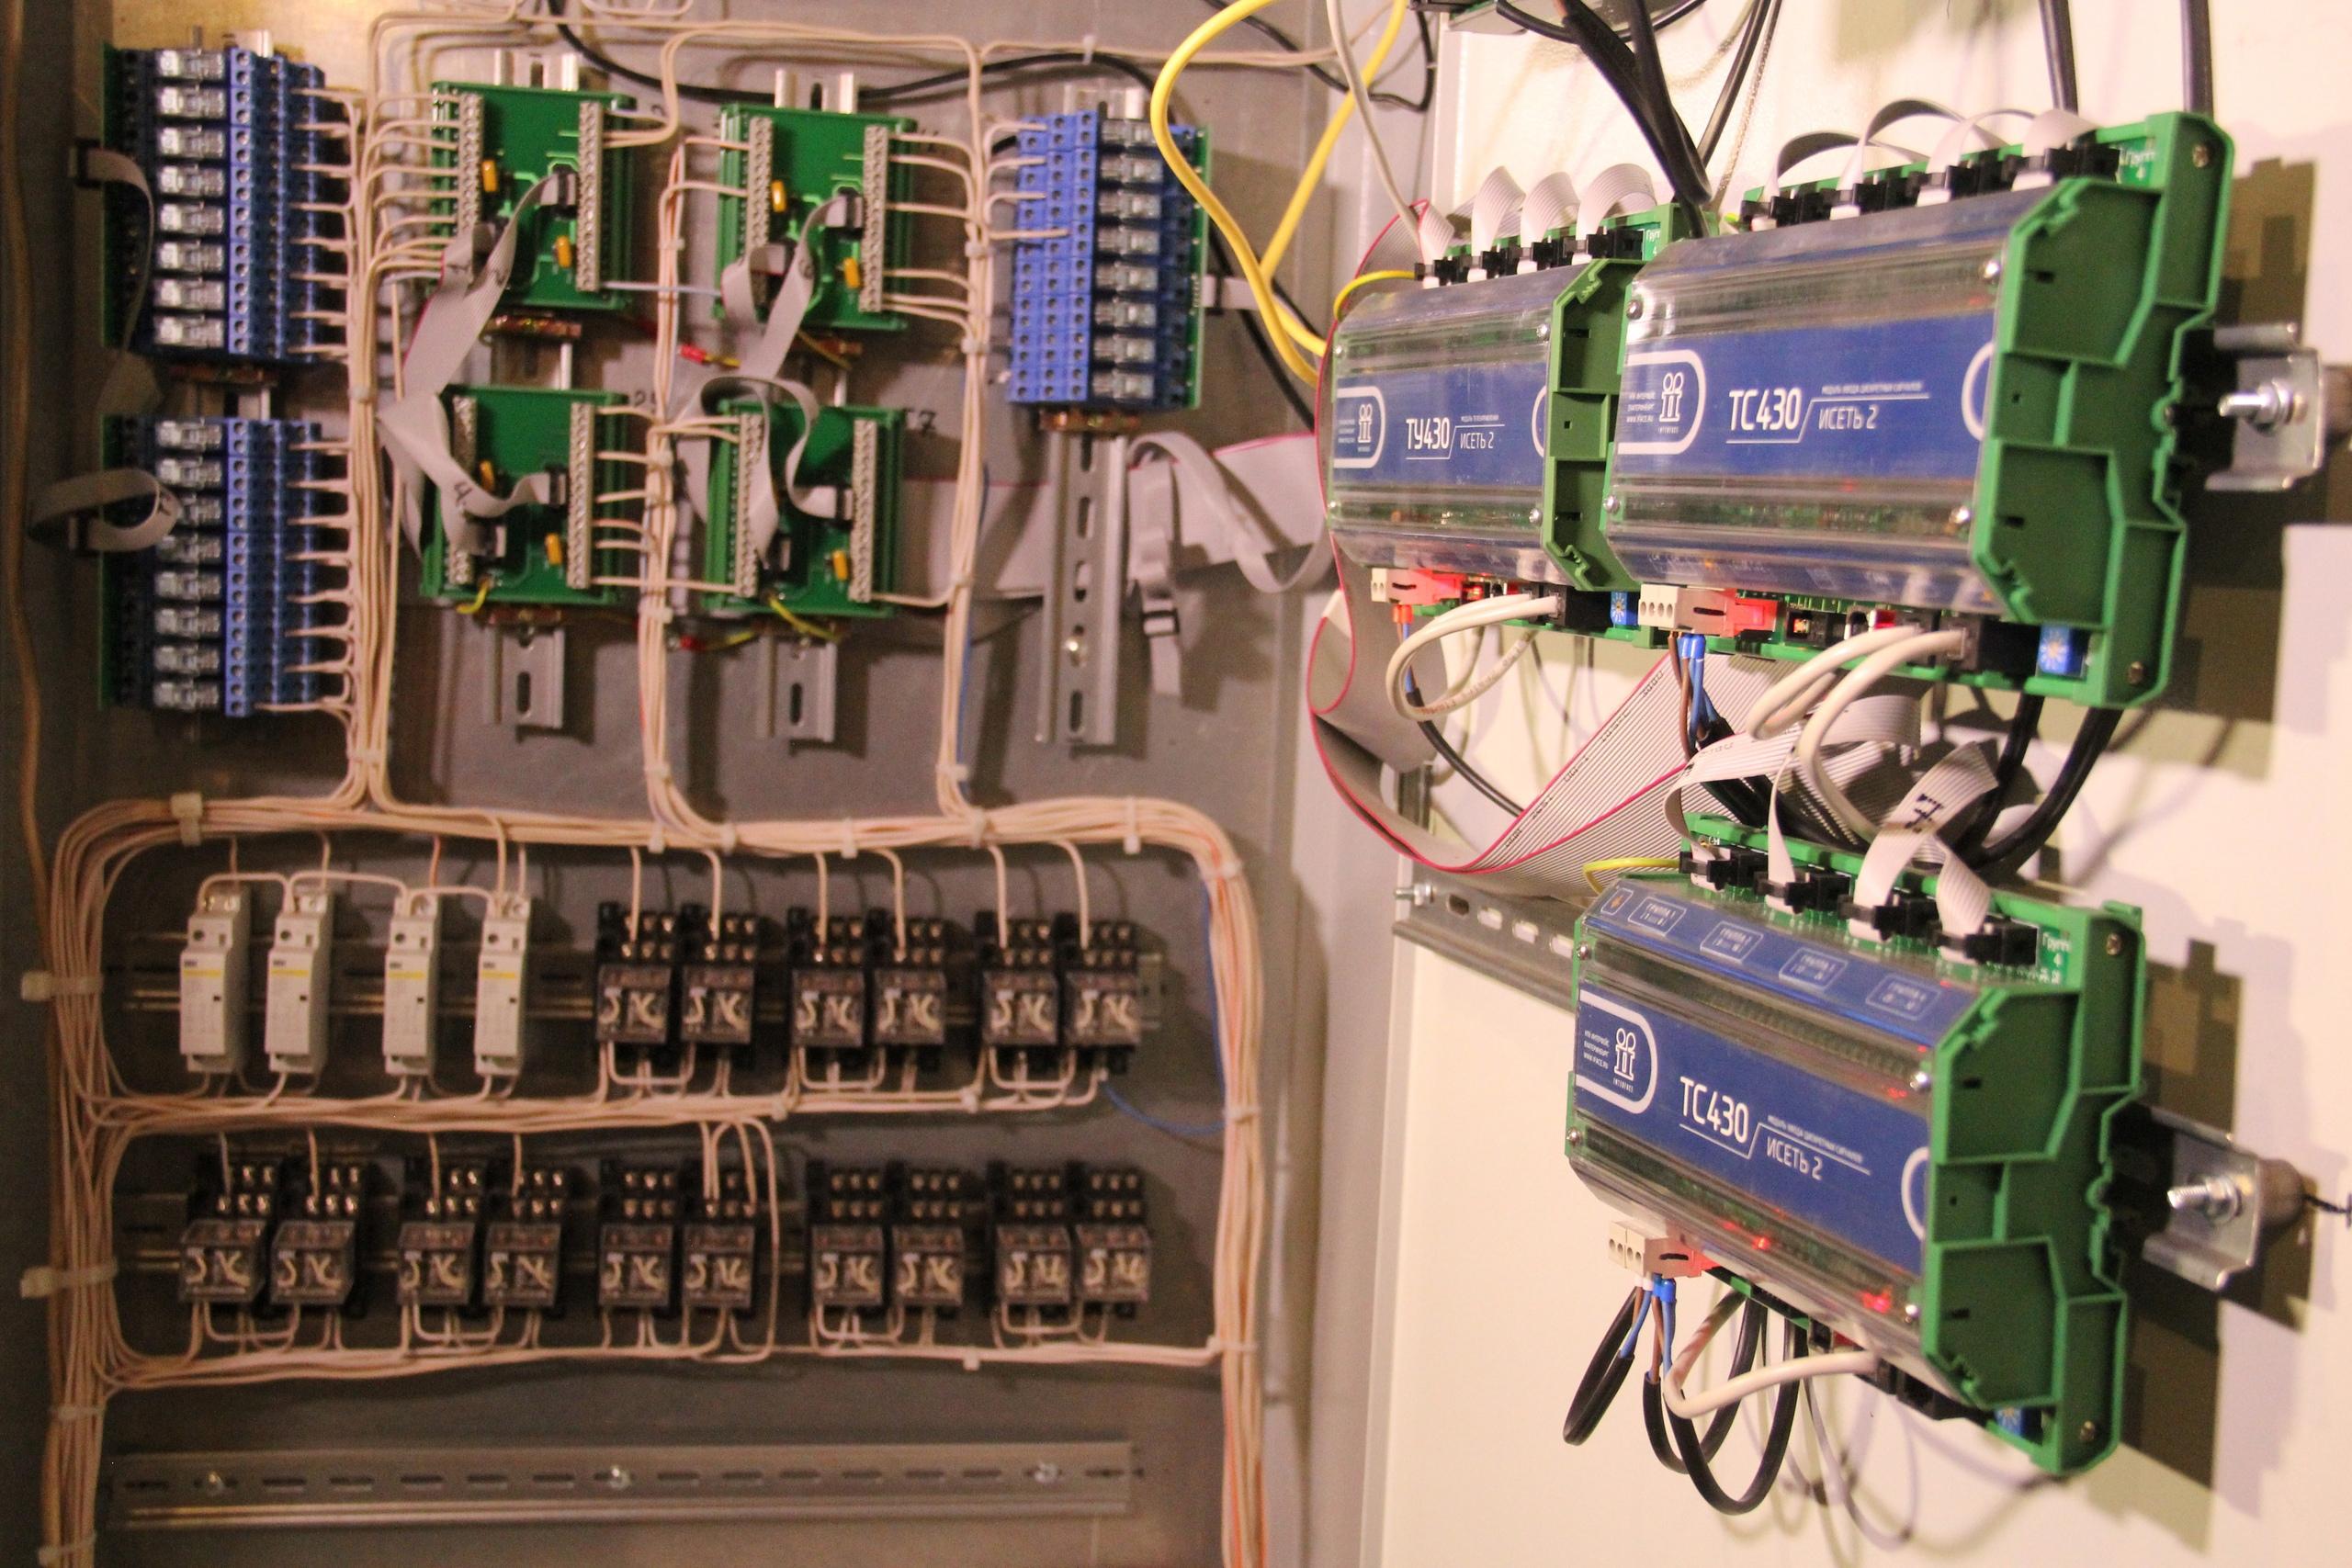 На тяговых подстанциях городского электрического транспорта вводятся в эксплуатацию модернизированные комплексы телемеханики